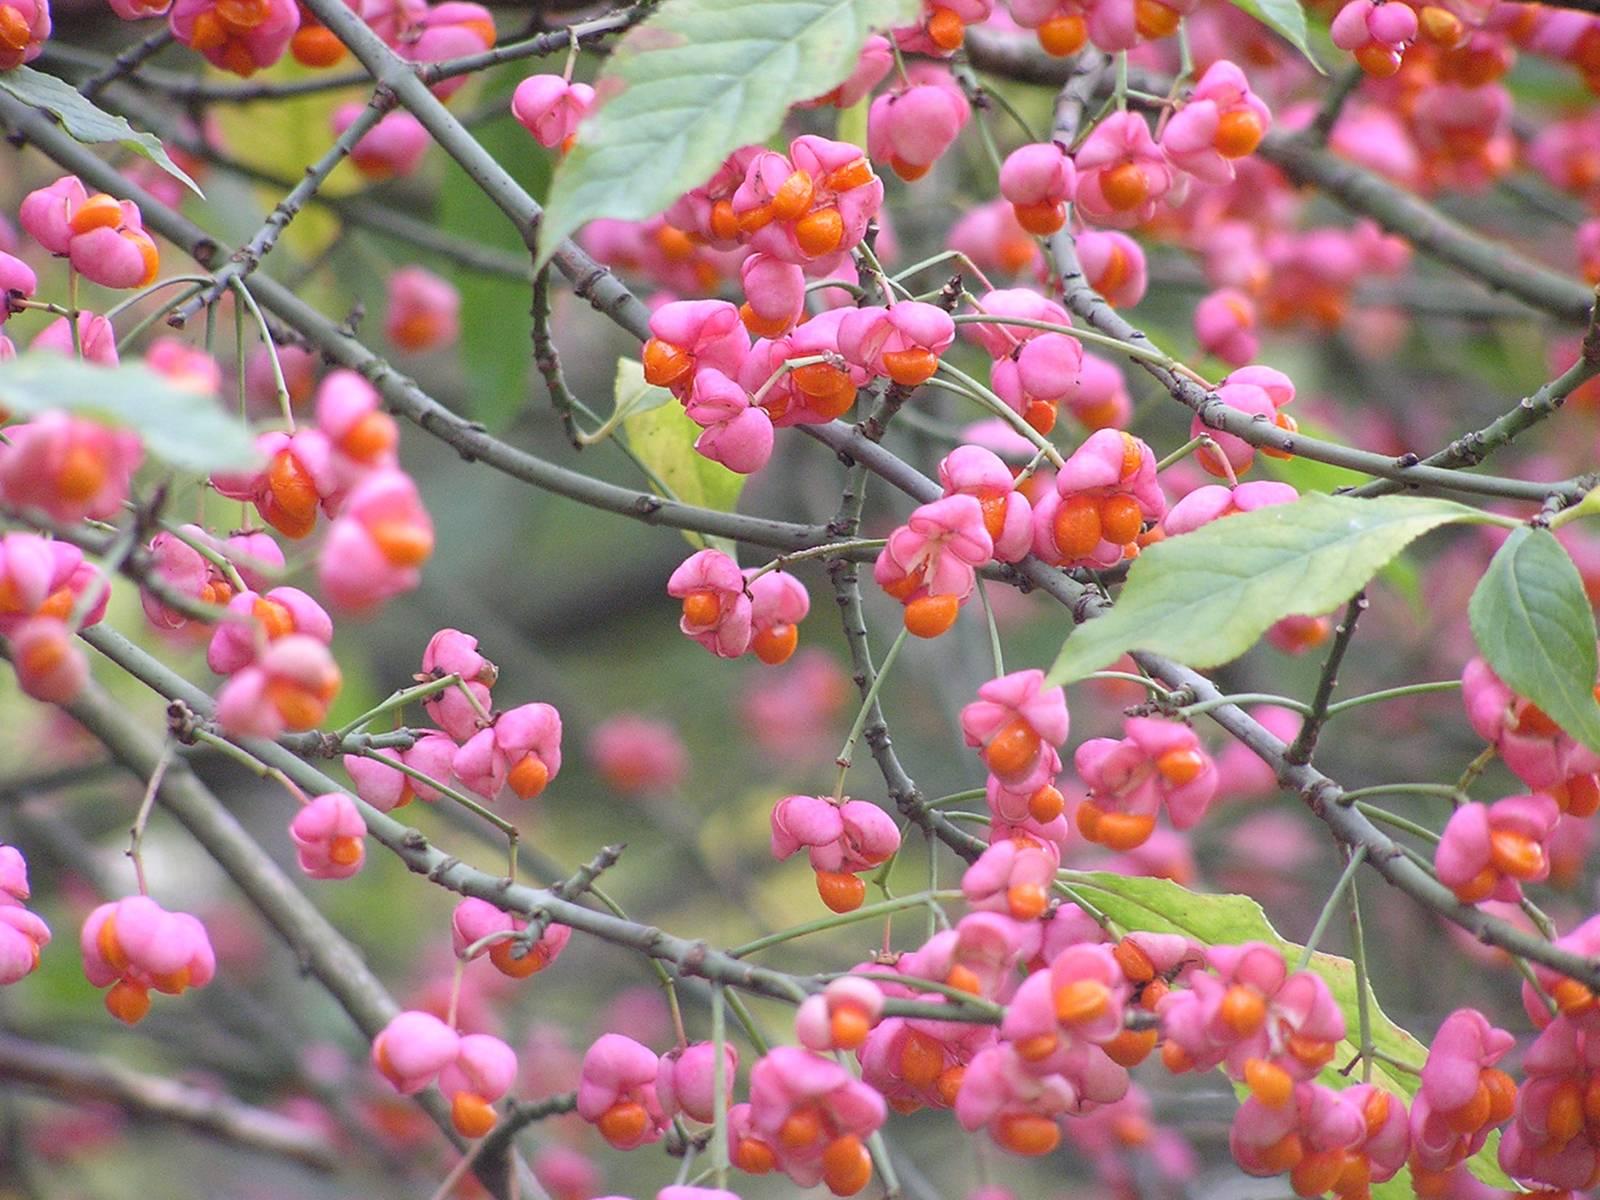 Eine Pflanze mit pinkfarbenen Blüten.